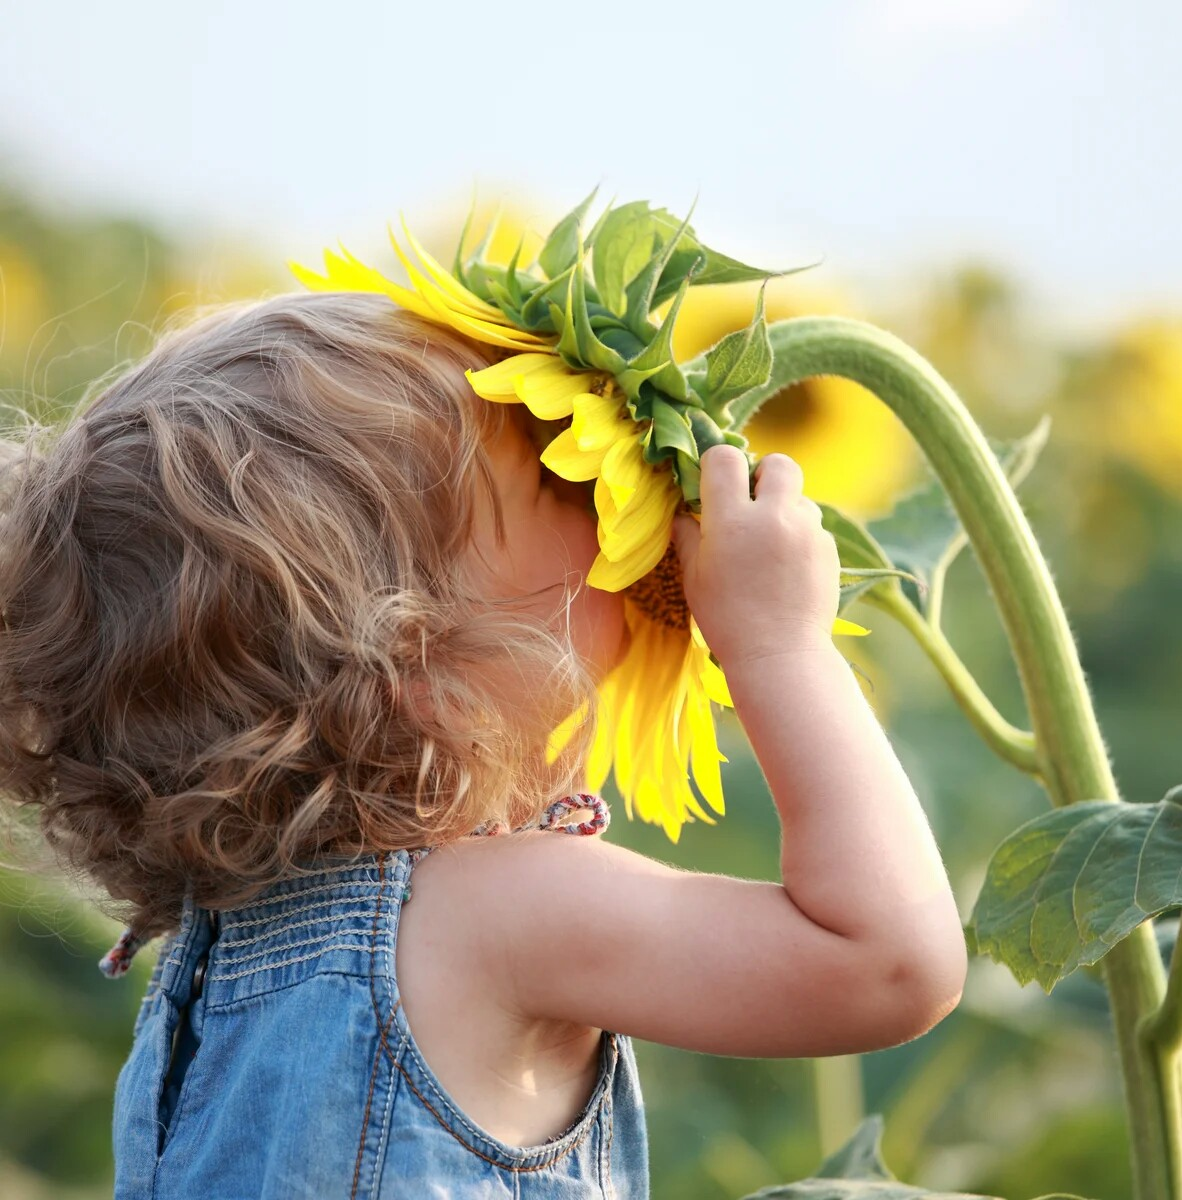 Днем, прикольные картинки радость счастье позитив